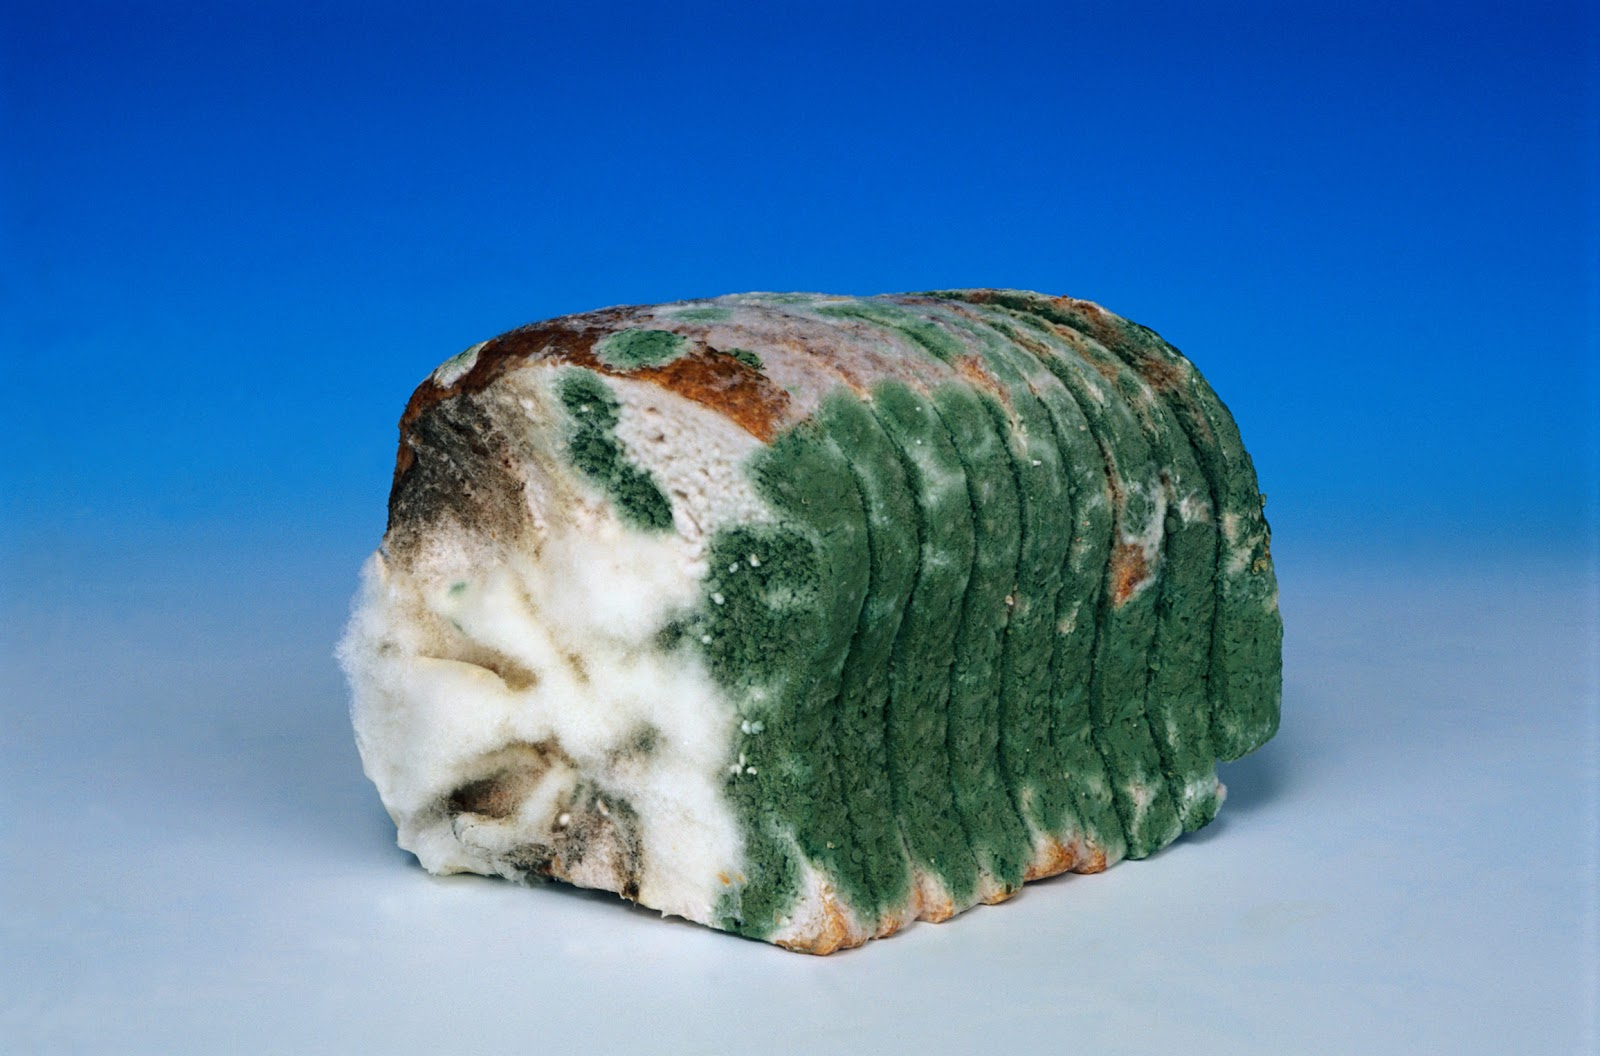 mouldy-bread-fd002575.jpg